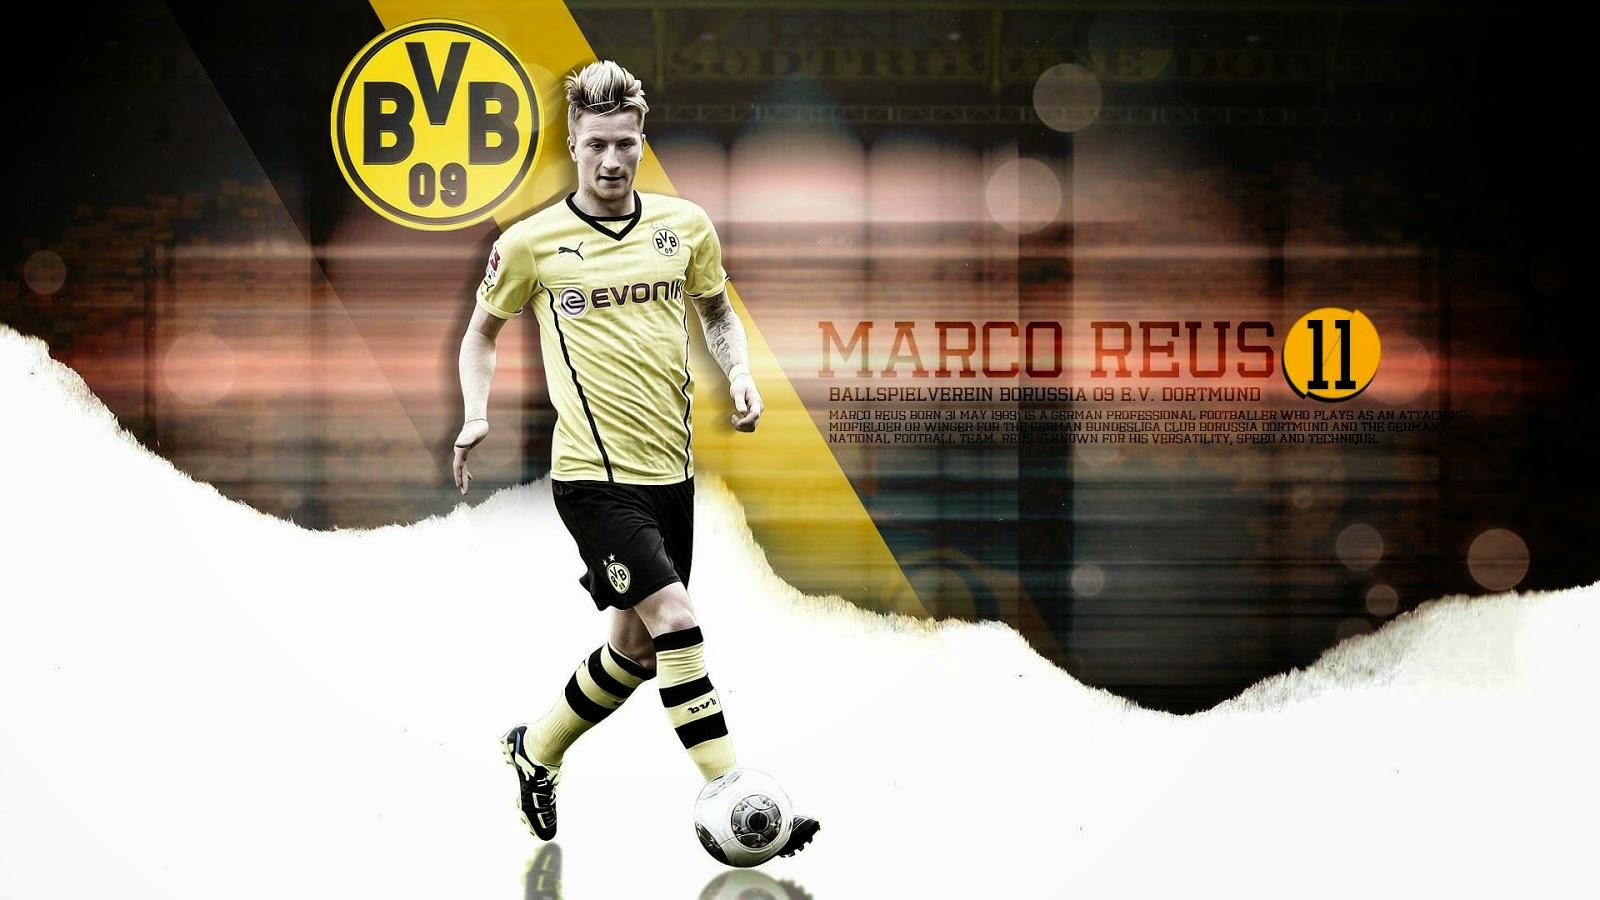 Cara download wallpaper Marco Reus Wallpapers: Klik kanan pada ...